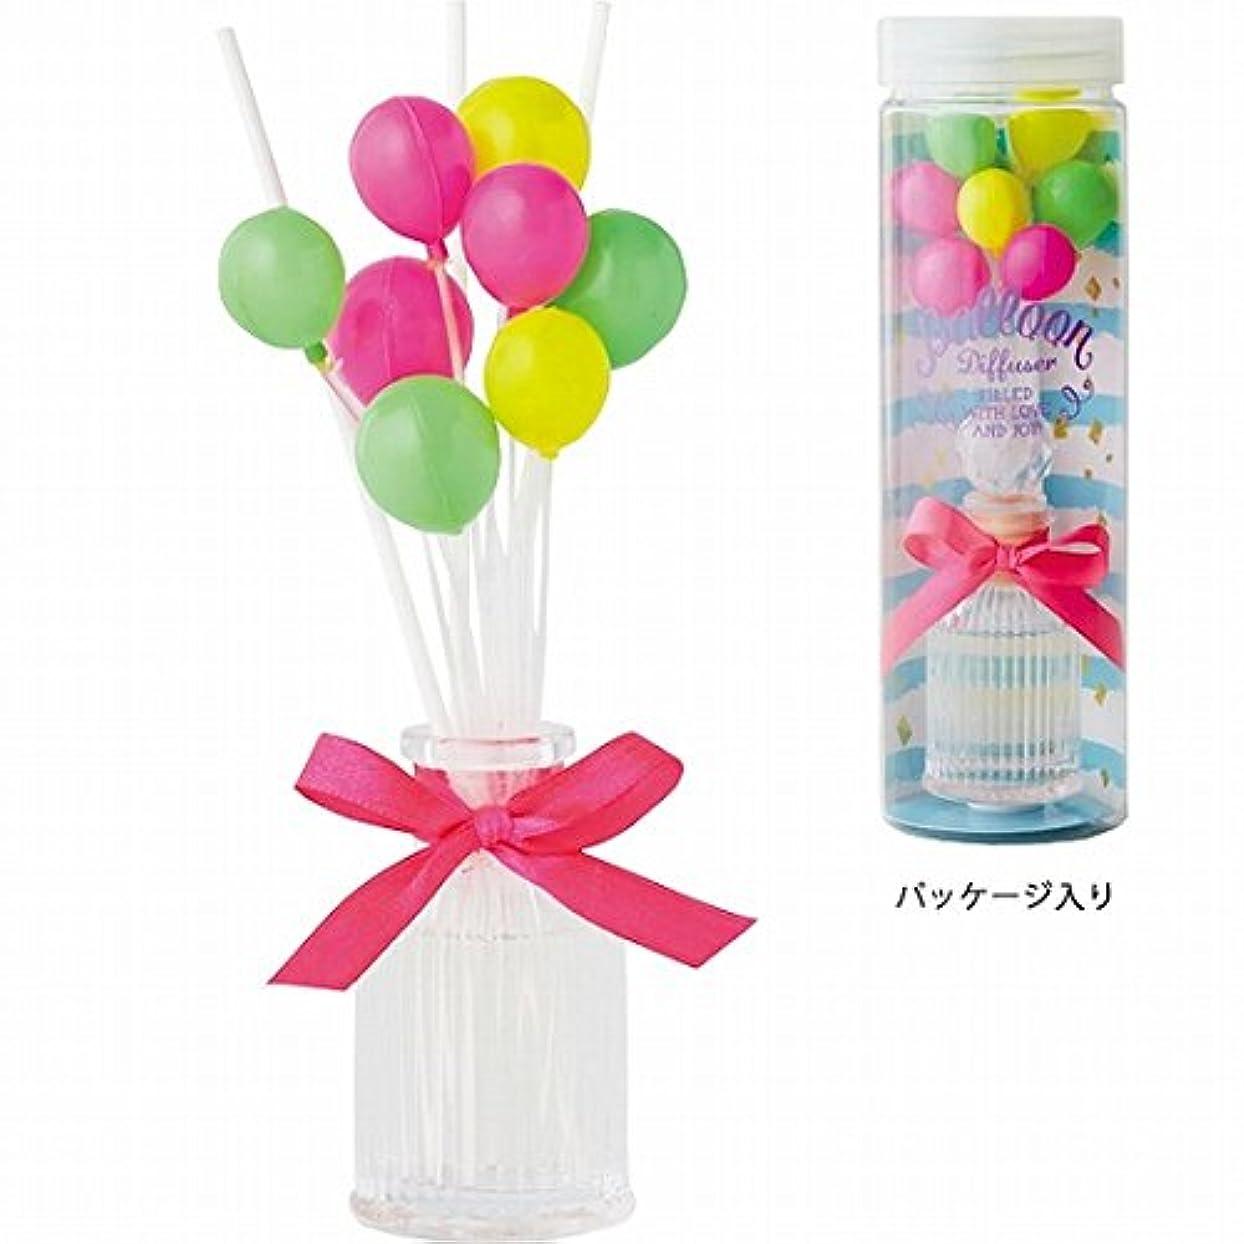 契約セラフ砂利kameyama candle(カメヤマキャンドル) バルーンディフューザー(E3290510)